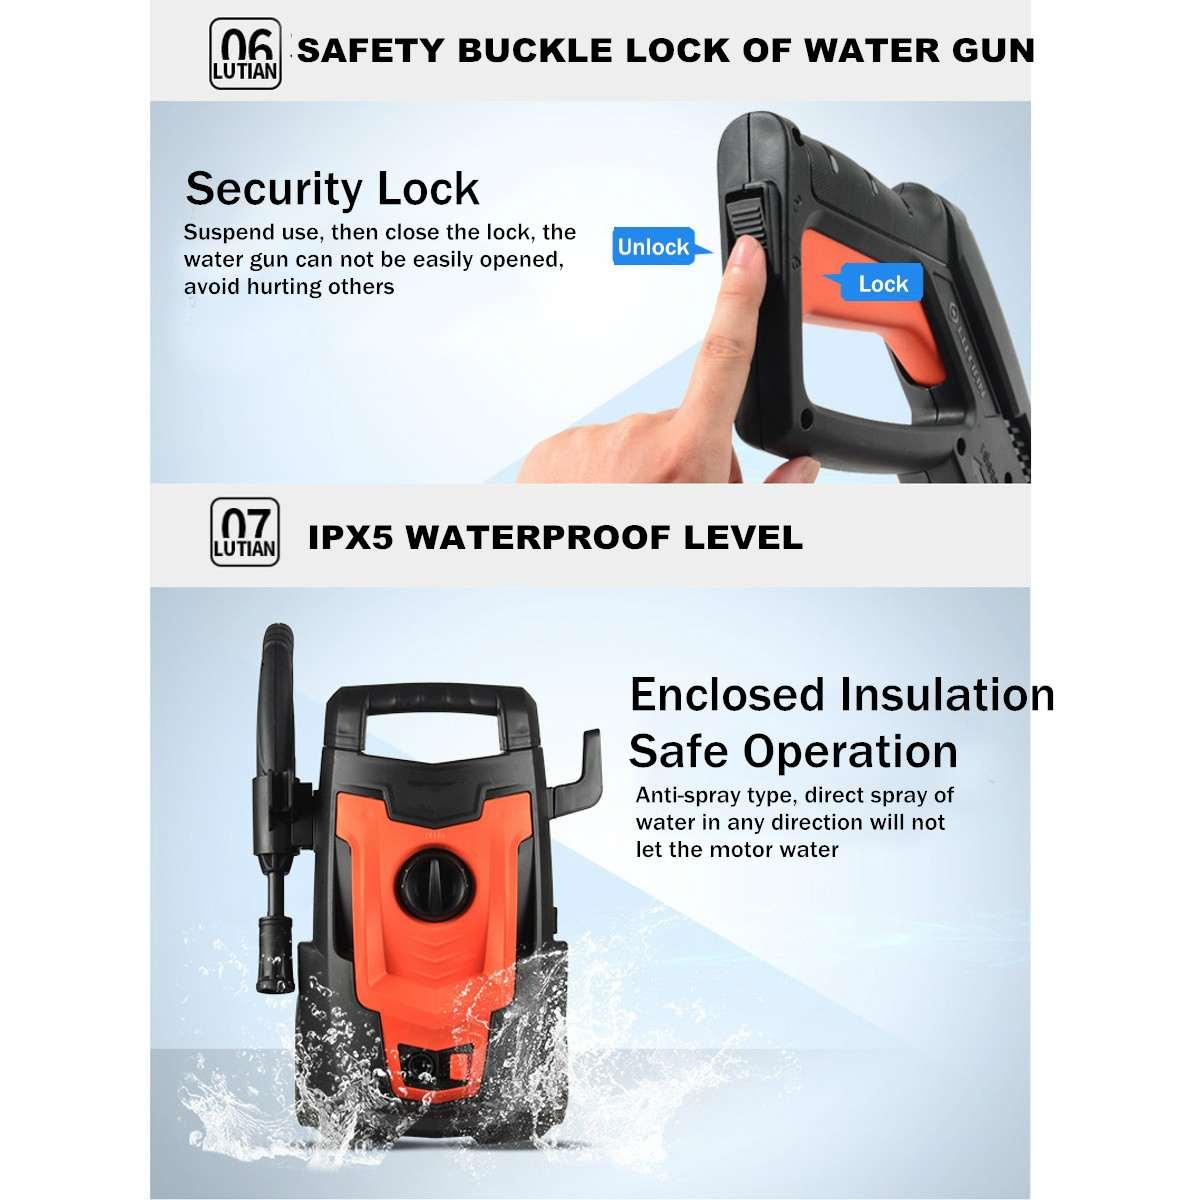 Auto Washer Guns Pumpe Waschen Gerät Auto Sprayer Hochdruck Reiniger Waschen Maschine Elektrische Reinigung Auto Gerät - 4